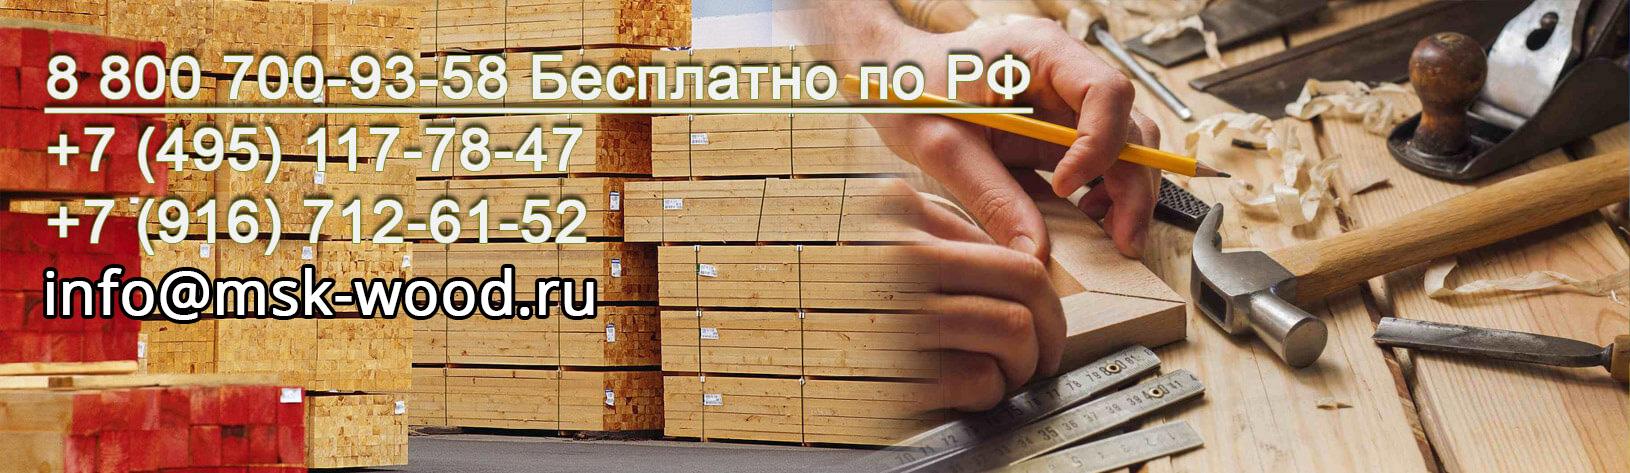 Строительные работы - Строительные работы - Part 12